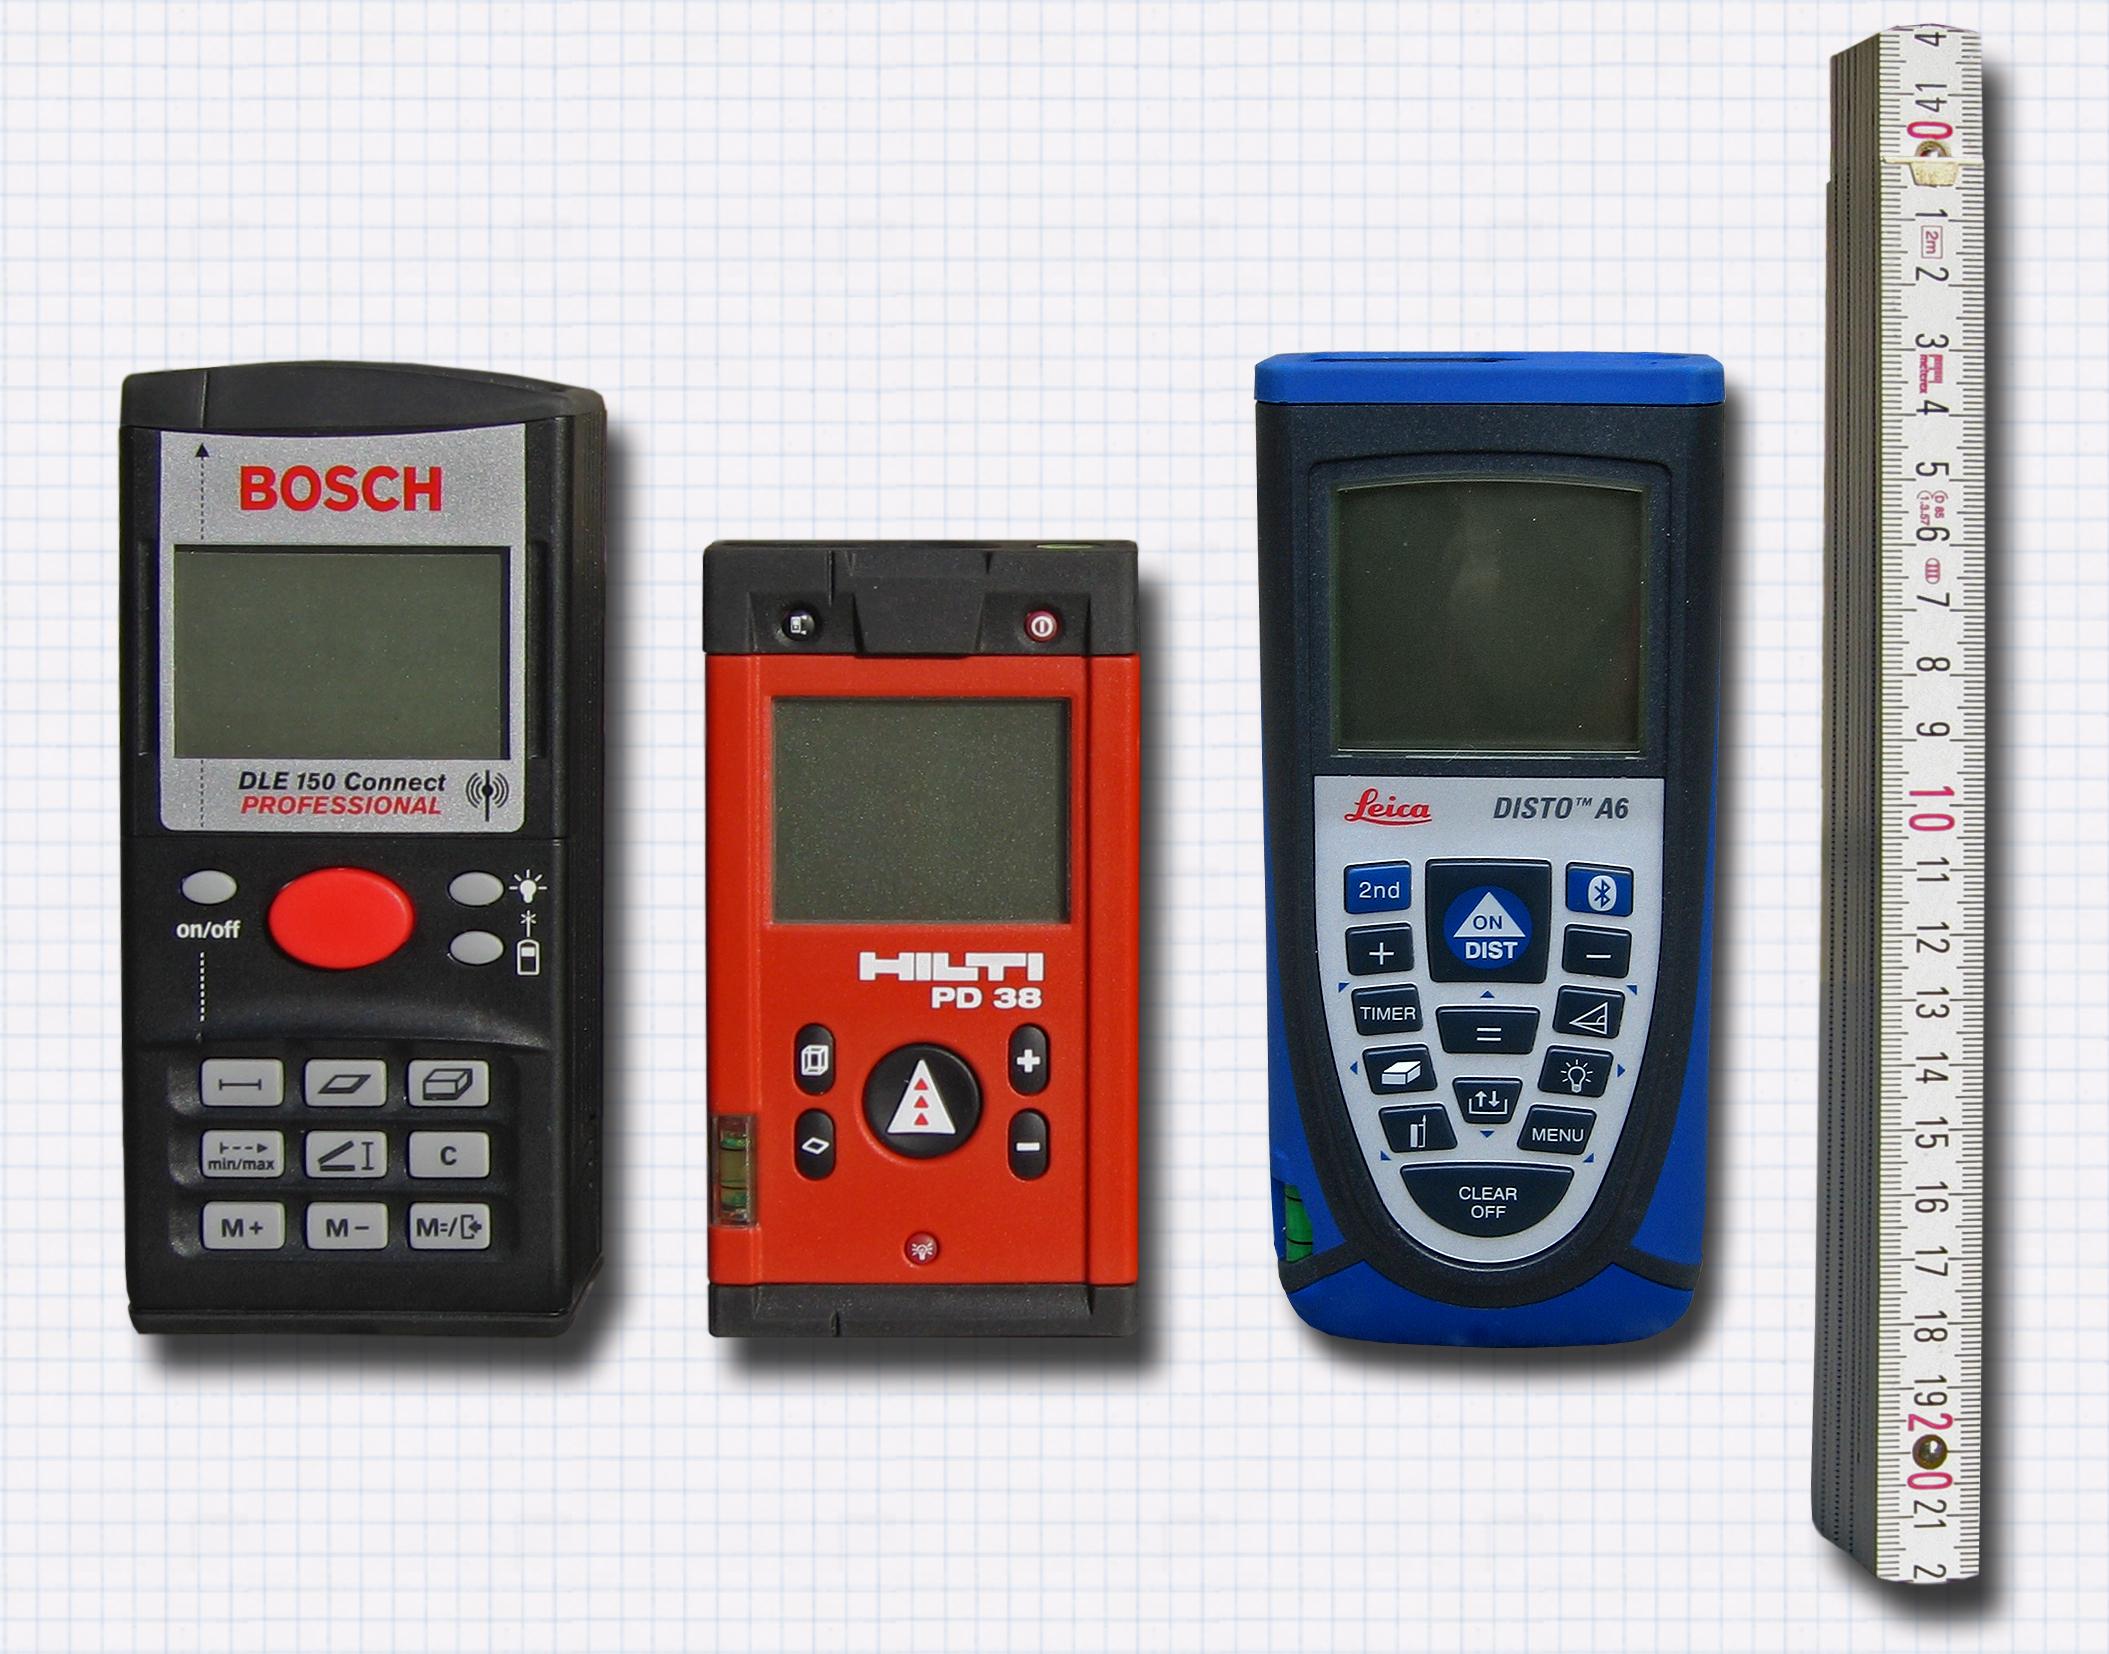 Laser Entfernungsmesser Bosch Oder Leica : Laser entfernungsmesser mit bluetooth schnittstelle aktuelles